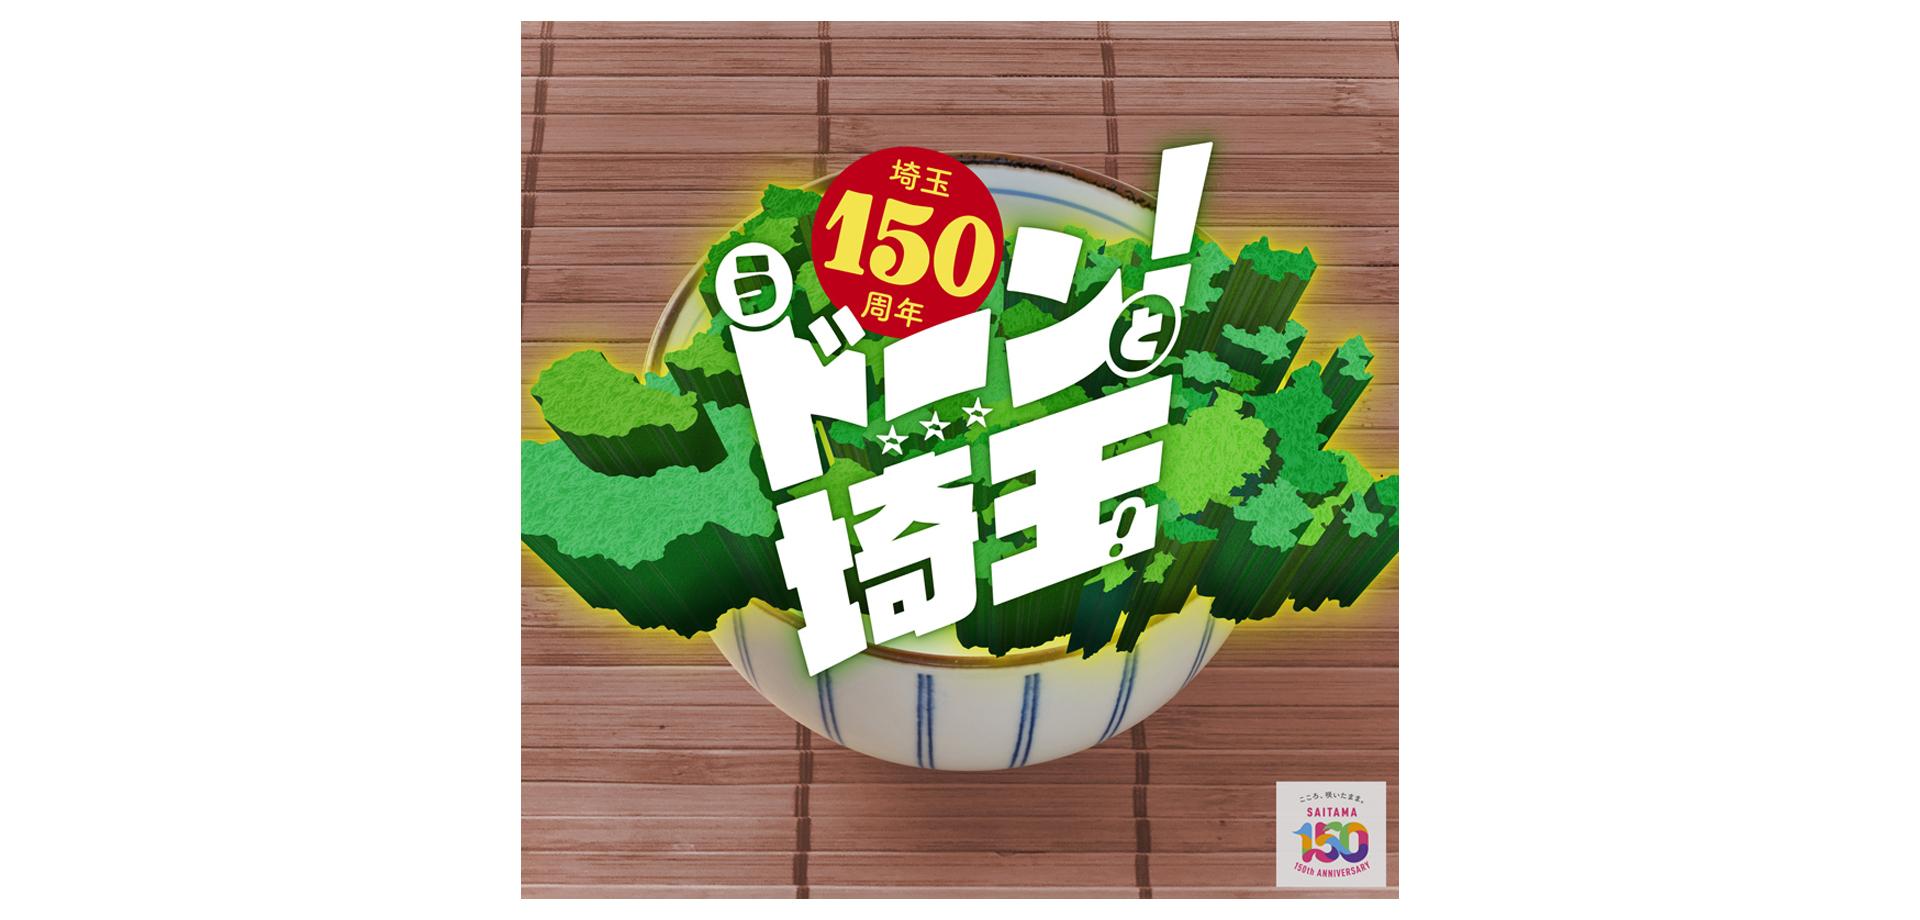 東急ハンズ『埼玉150周年記念 ぅドーーーーン!と埼玉!@池袋店』